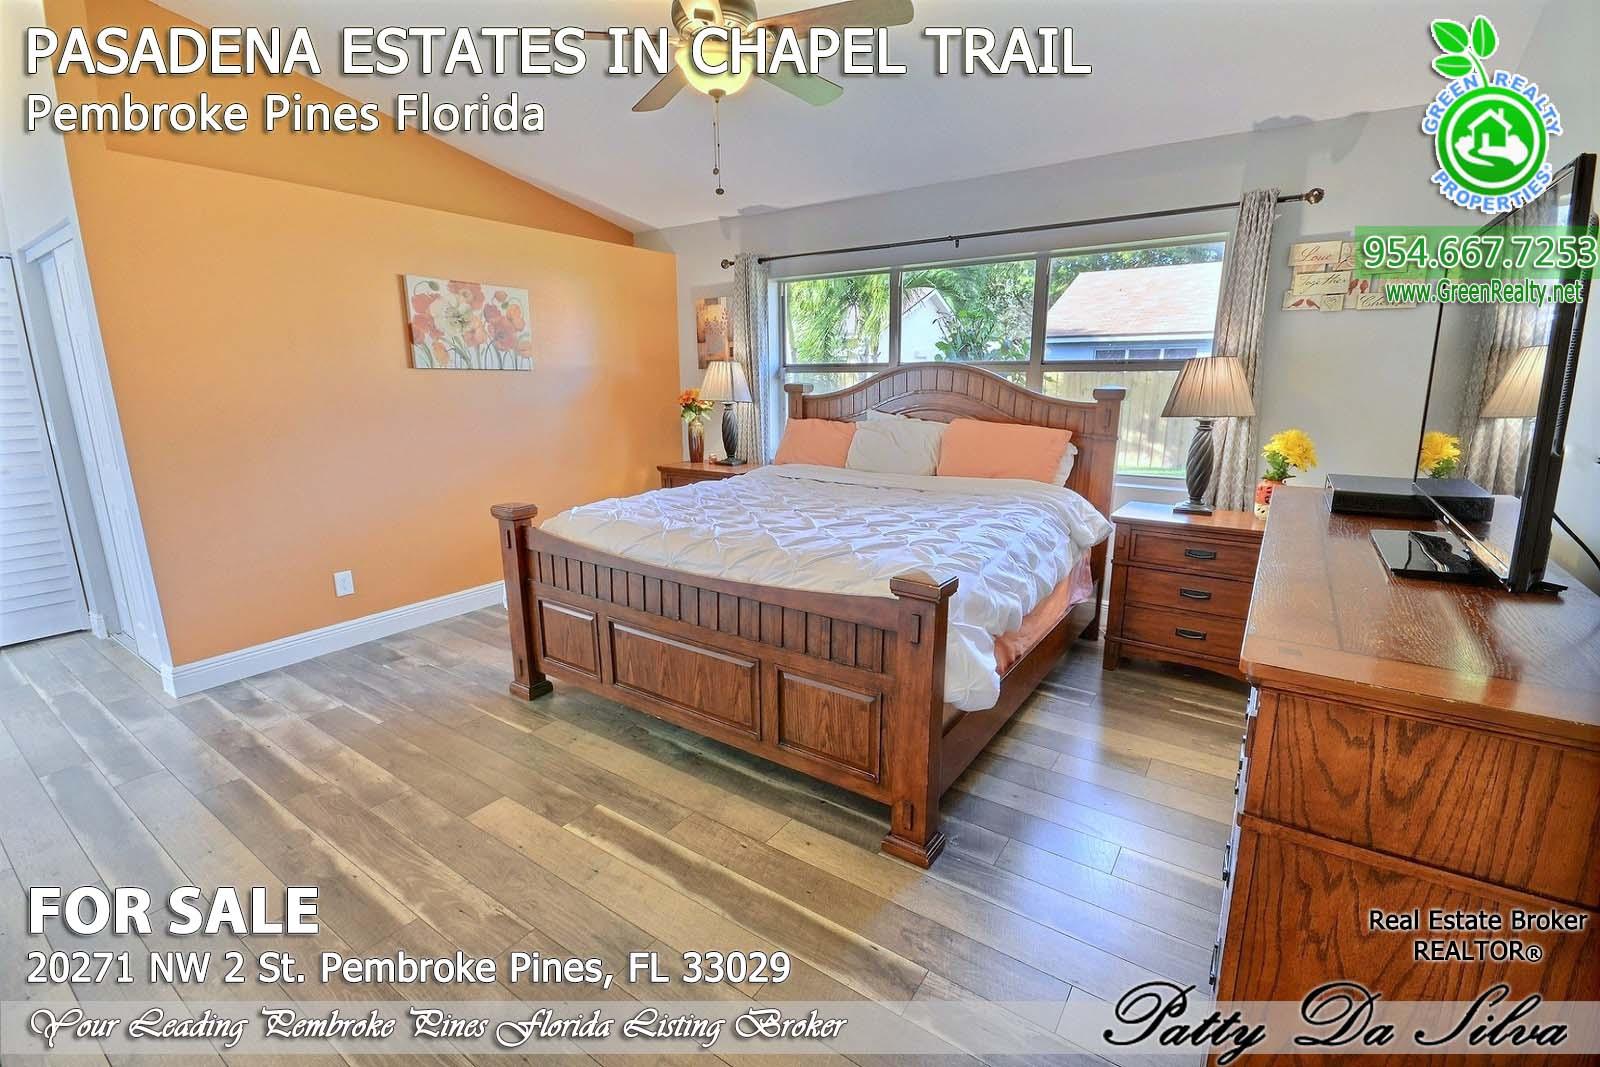 Pasadena Estates of Chapel Trail - Pembroke Pines FL (12)